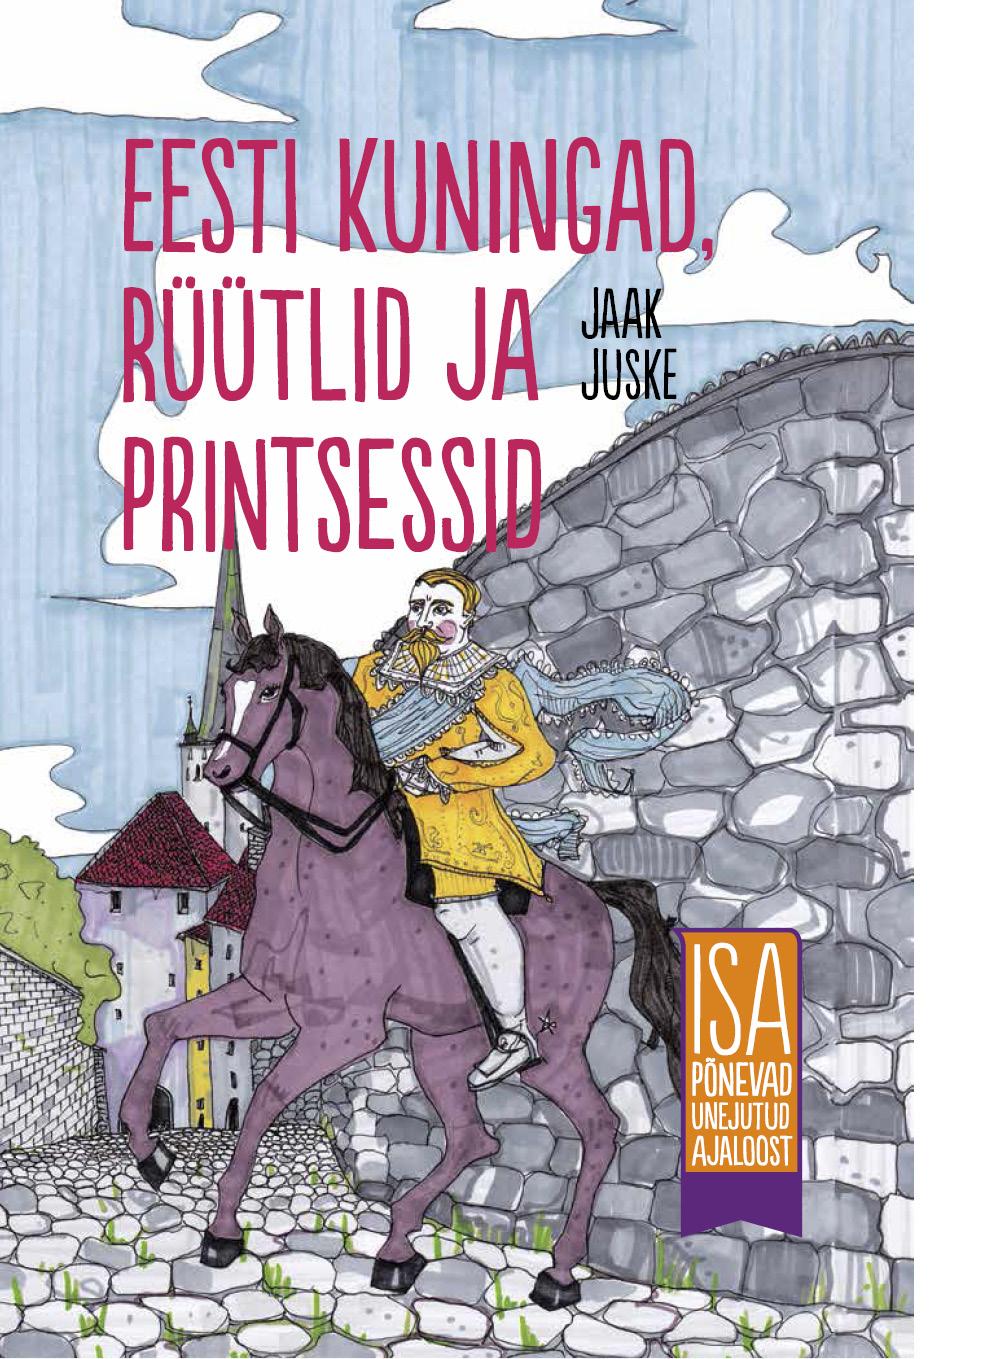 Eesti kuningad, rüütlid ja printsessid. Isa põnevad unejutud ajaloost